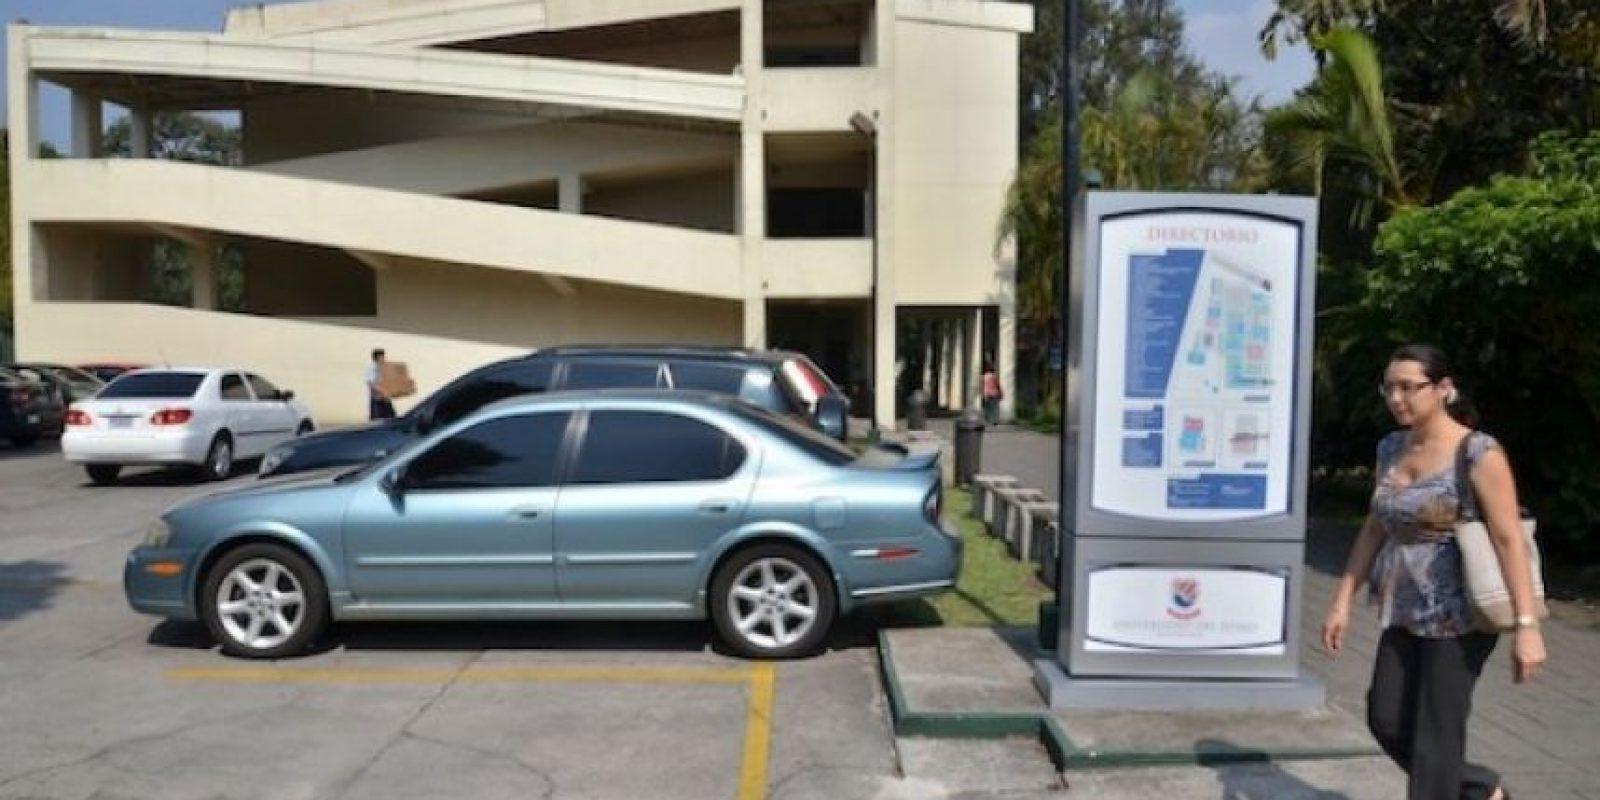 Estacionamiento del campus Central, 7a. avenida, 3-67, zona 13. Foto:Juan José López Torres